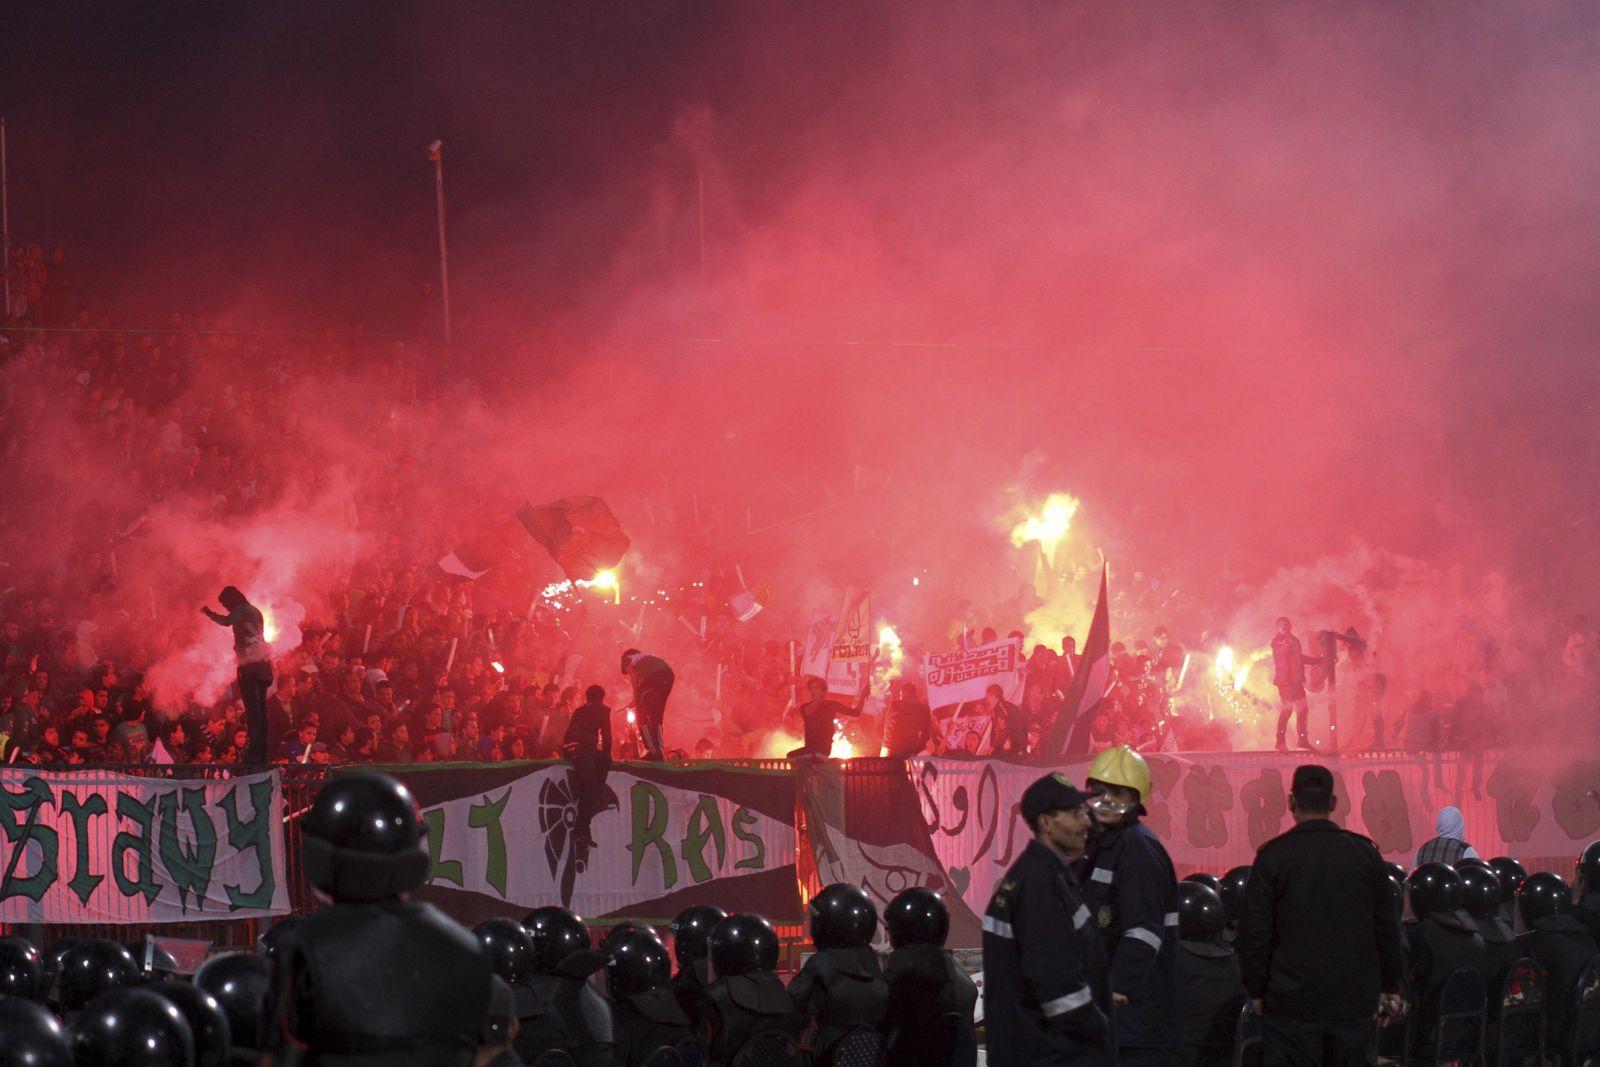 Ägypten/ Stadion